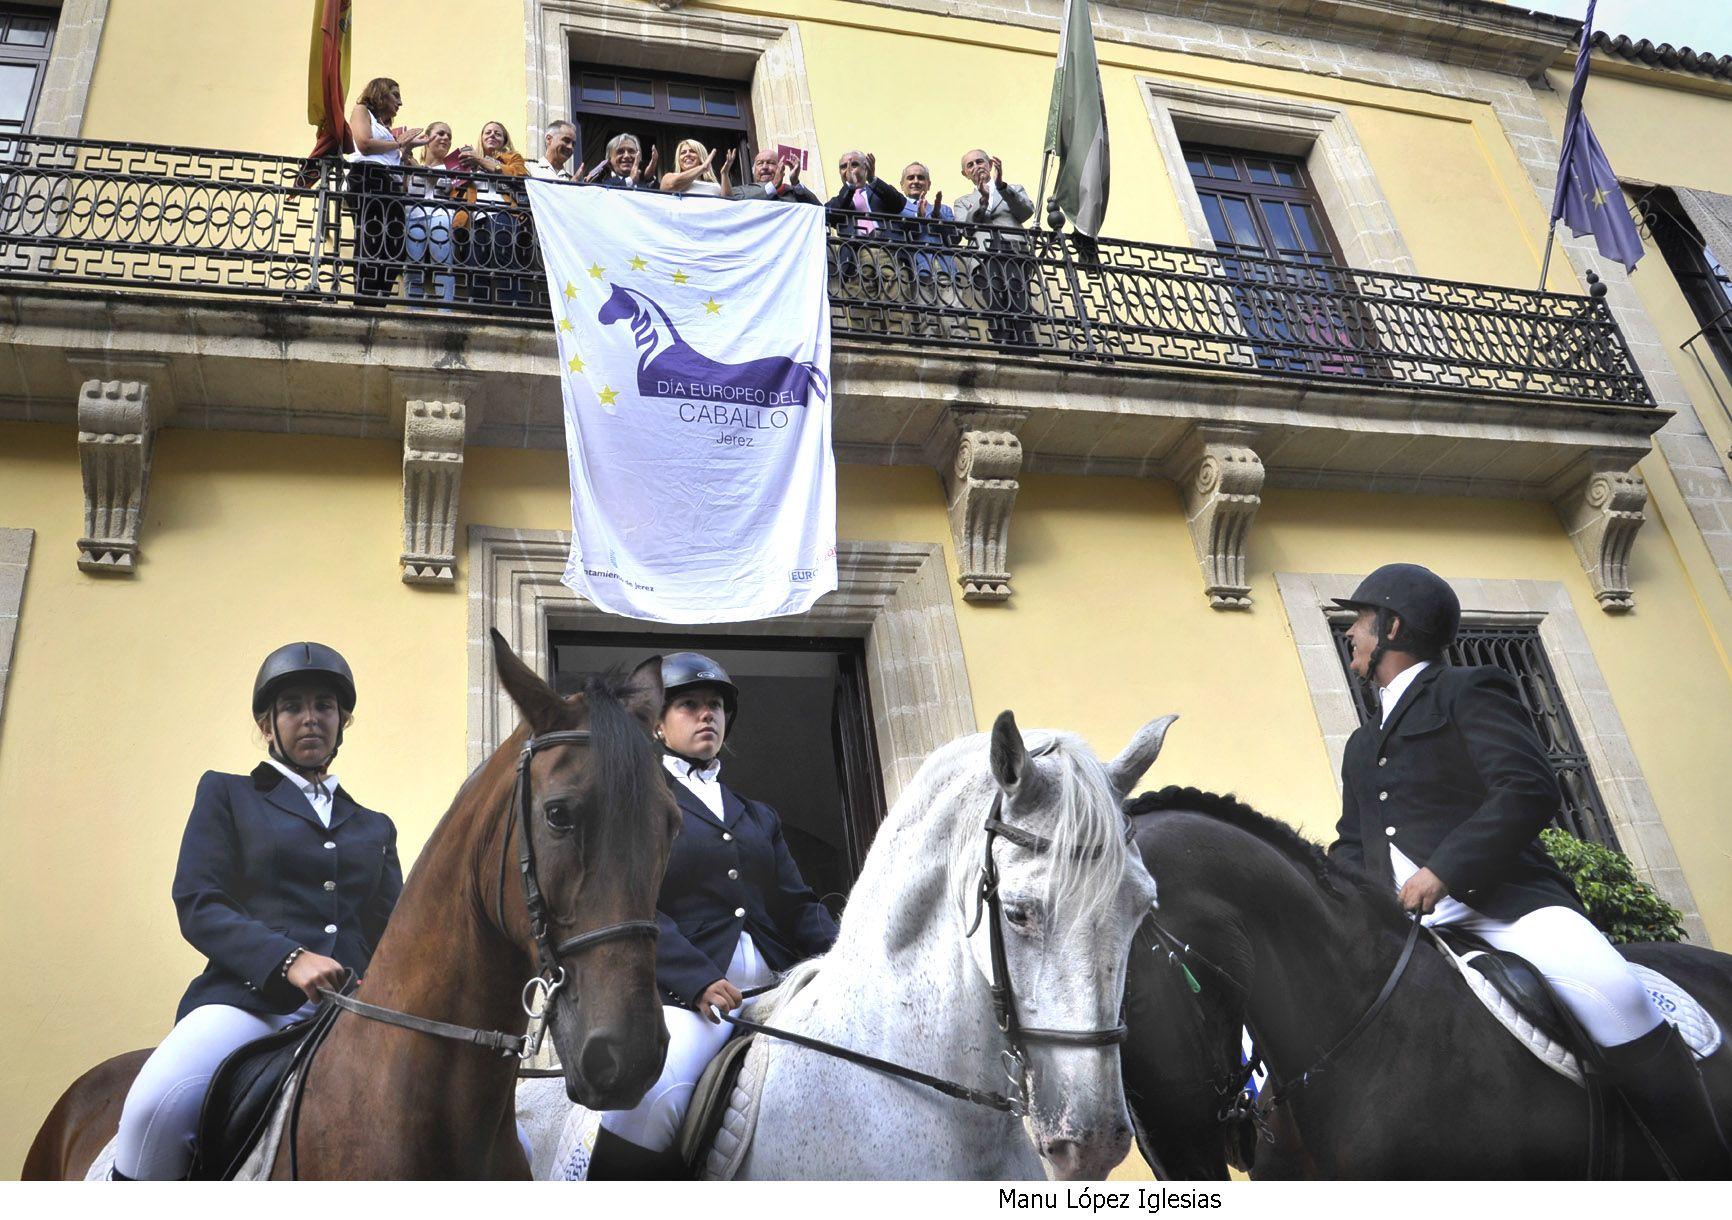 Alcaldesa asiste colocacion bandera Dia Europeo del Caballo _ 01